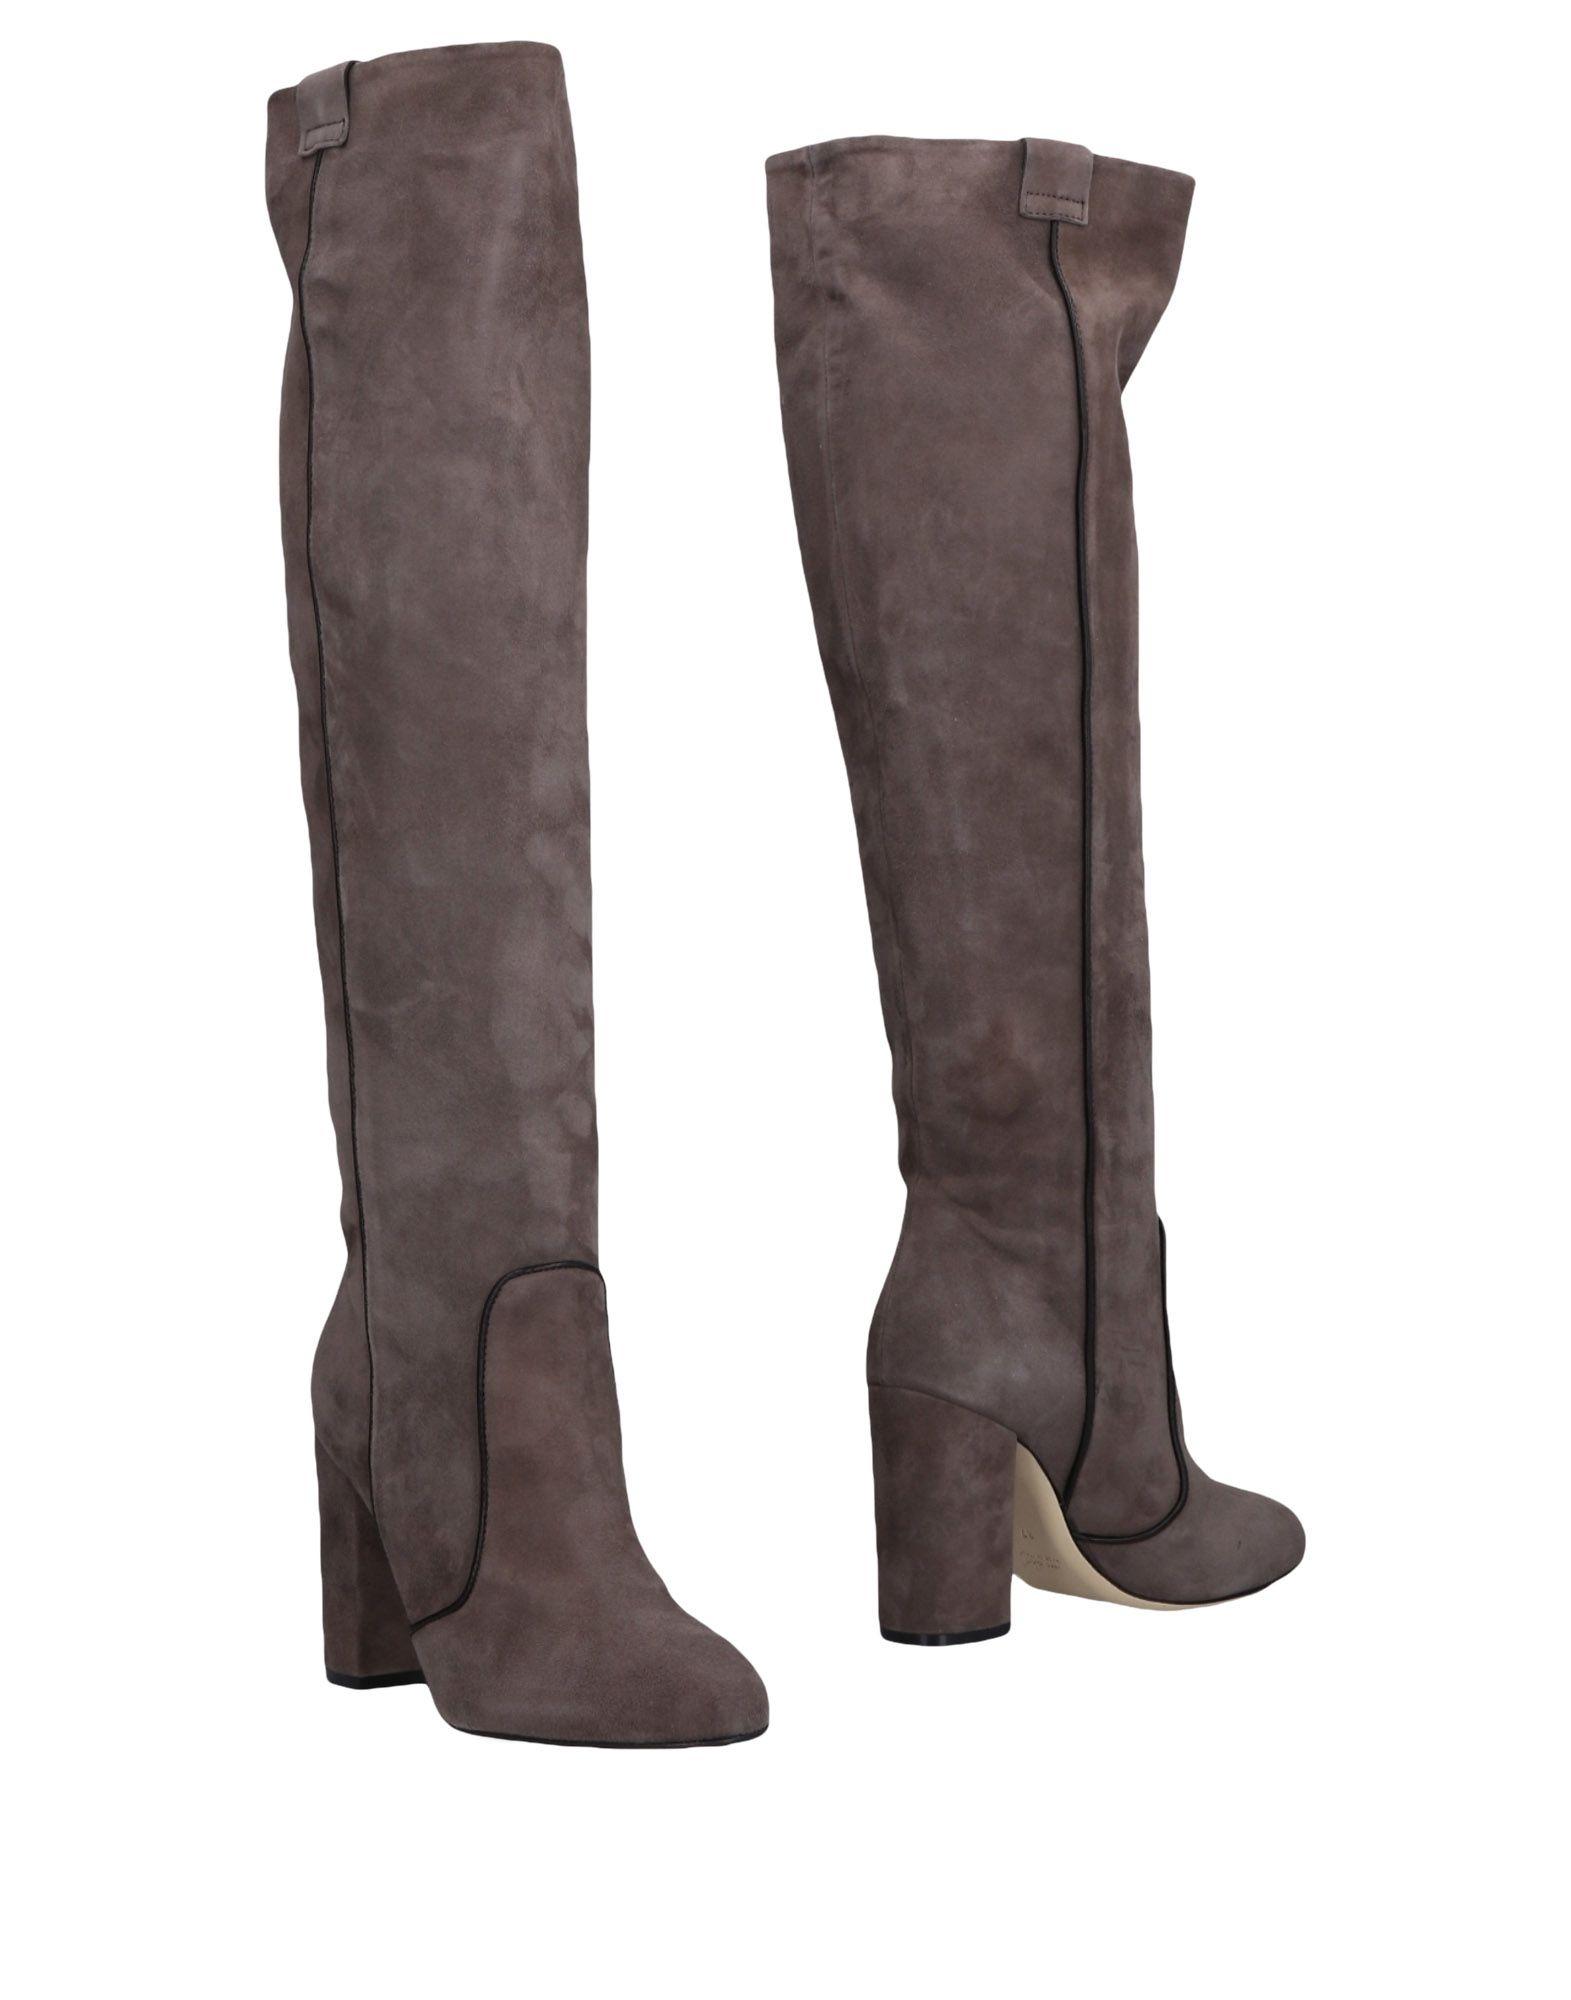 Giampaolo Viozzi Stiefel sich Damen Gutes Preis-Leistungs-Verhältnis, es lohnt sich Stiefel 1c3570